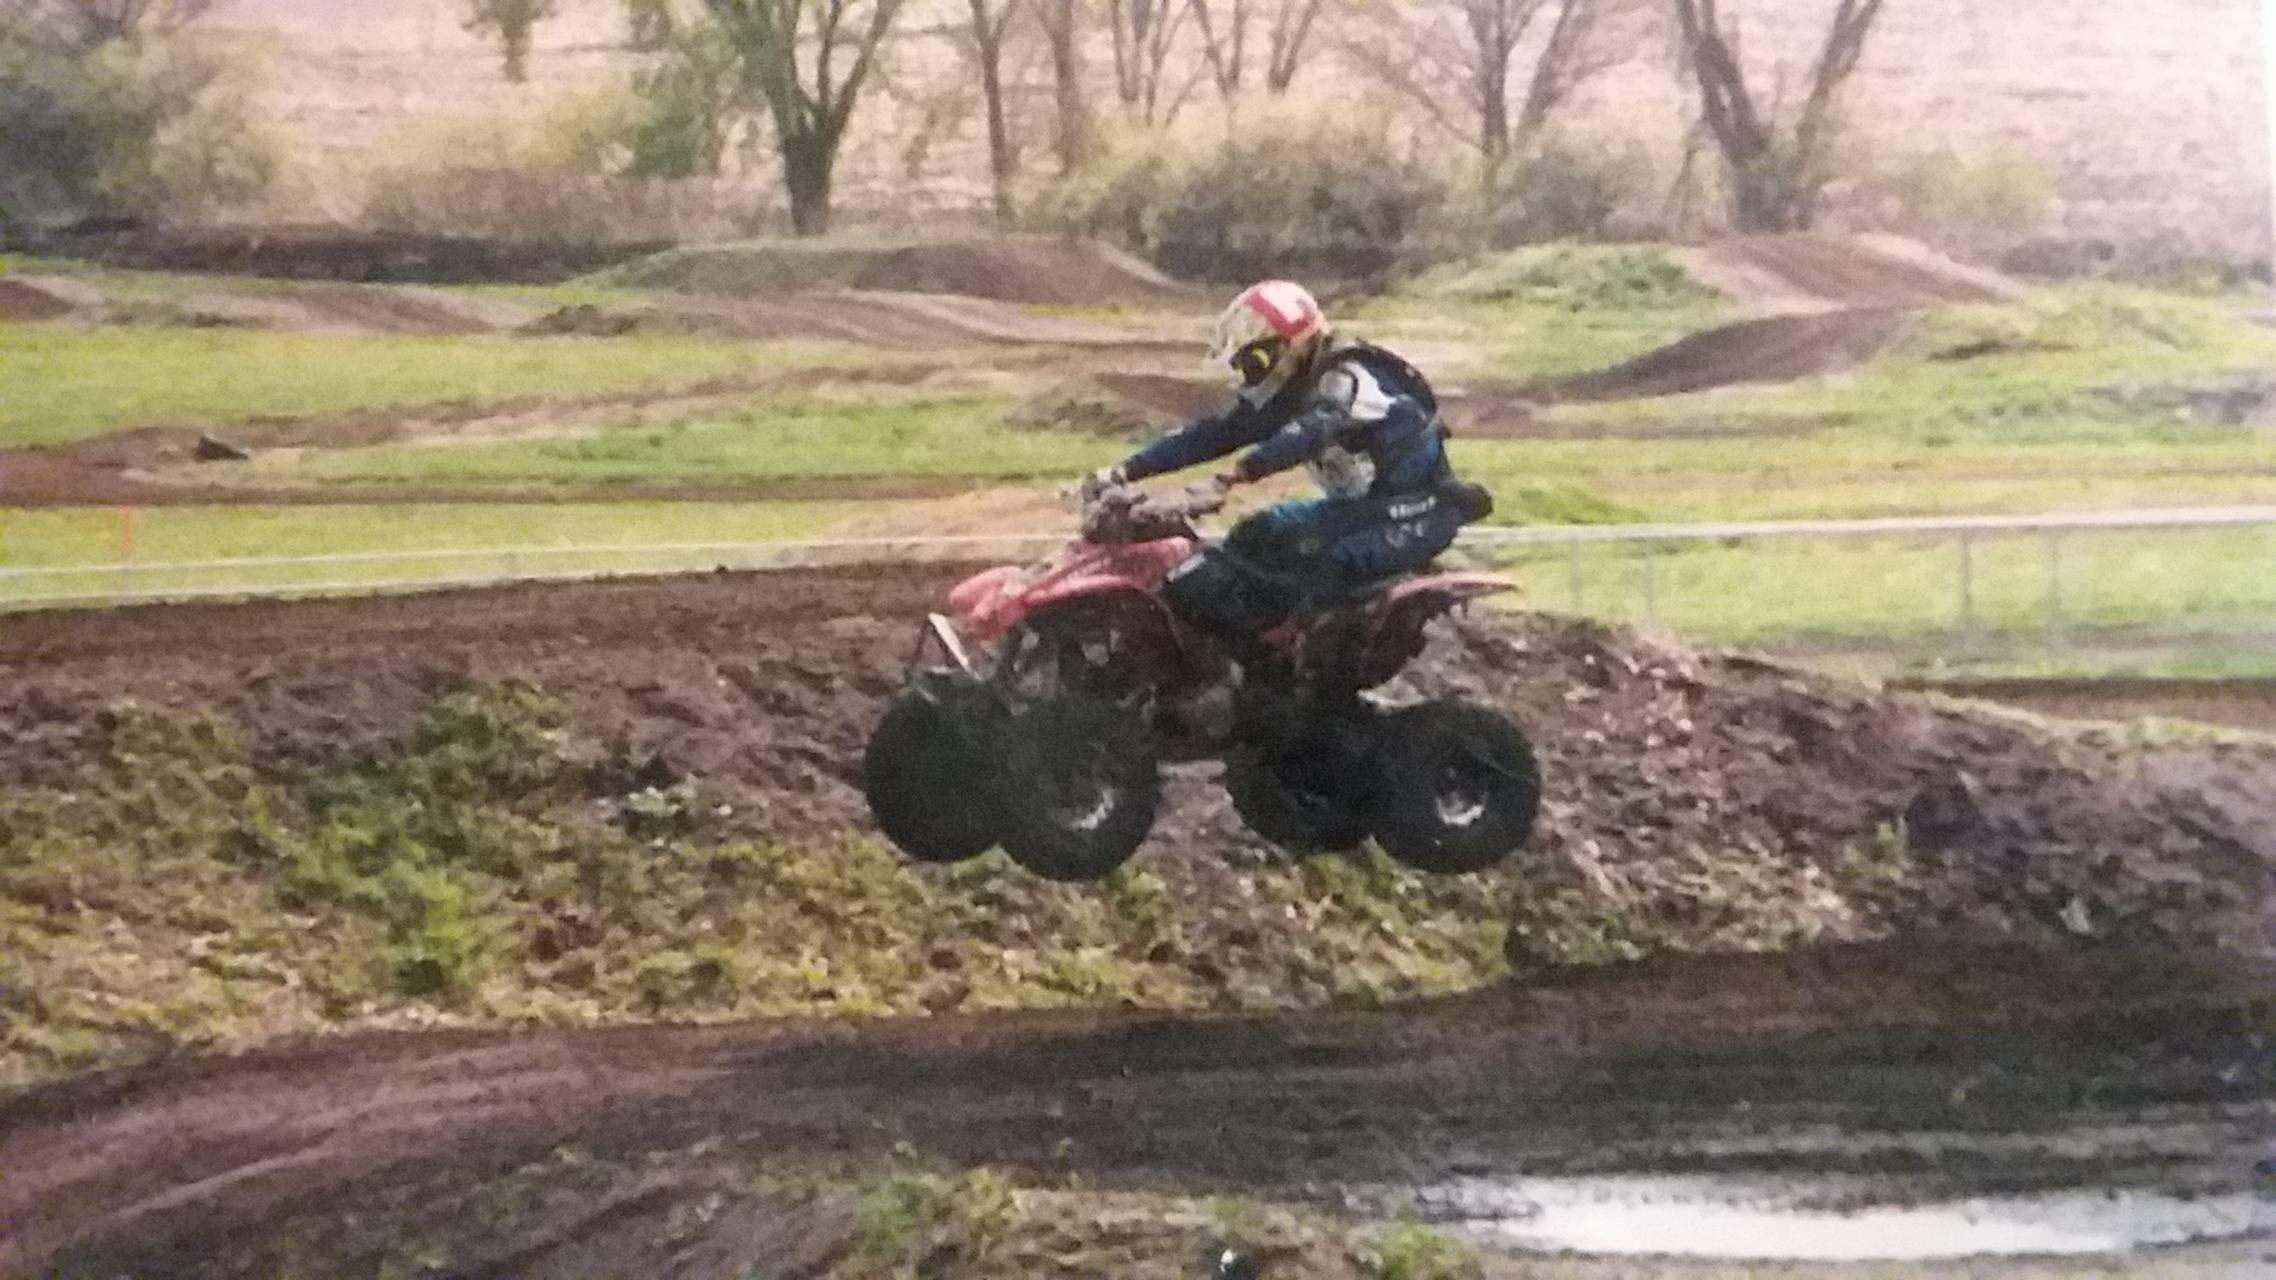 Xc racing